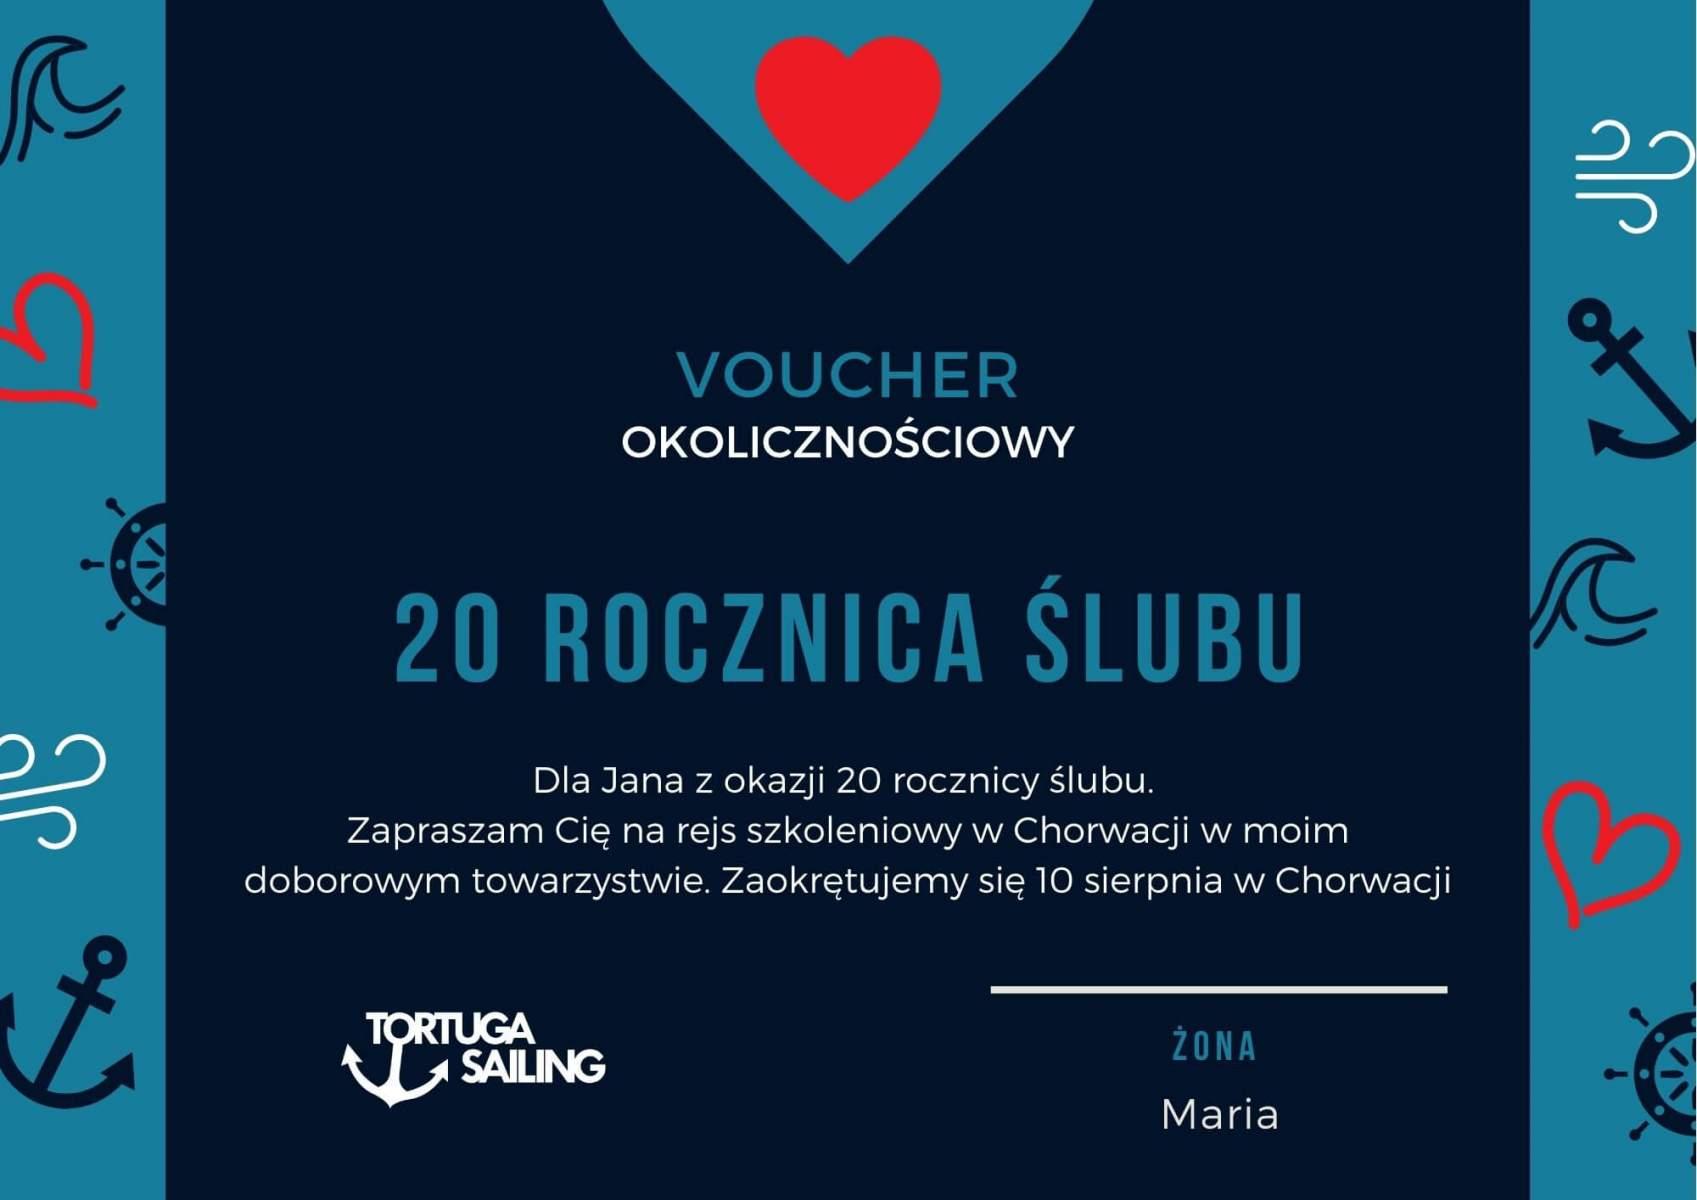 voucher-rocznica-slubu-1